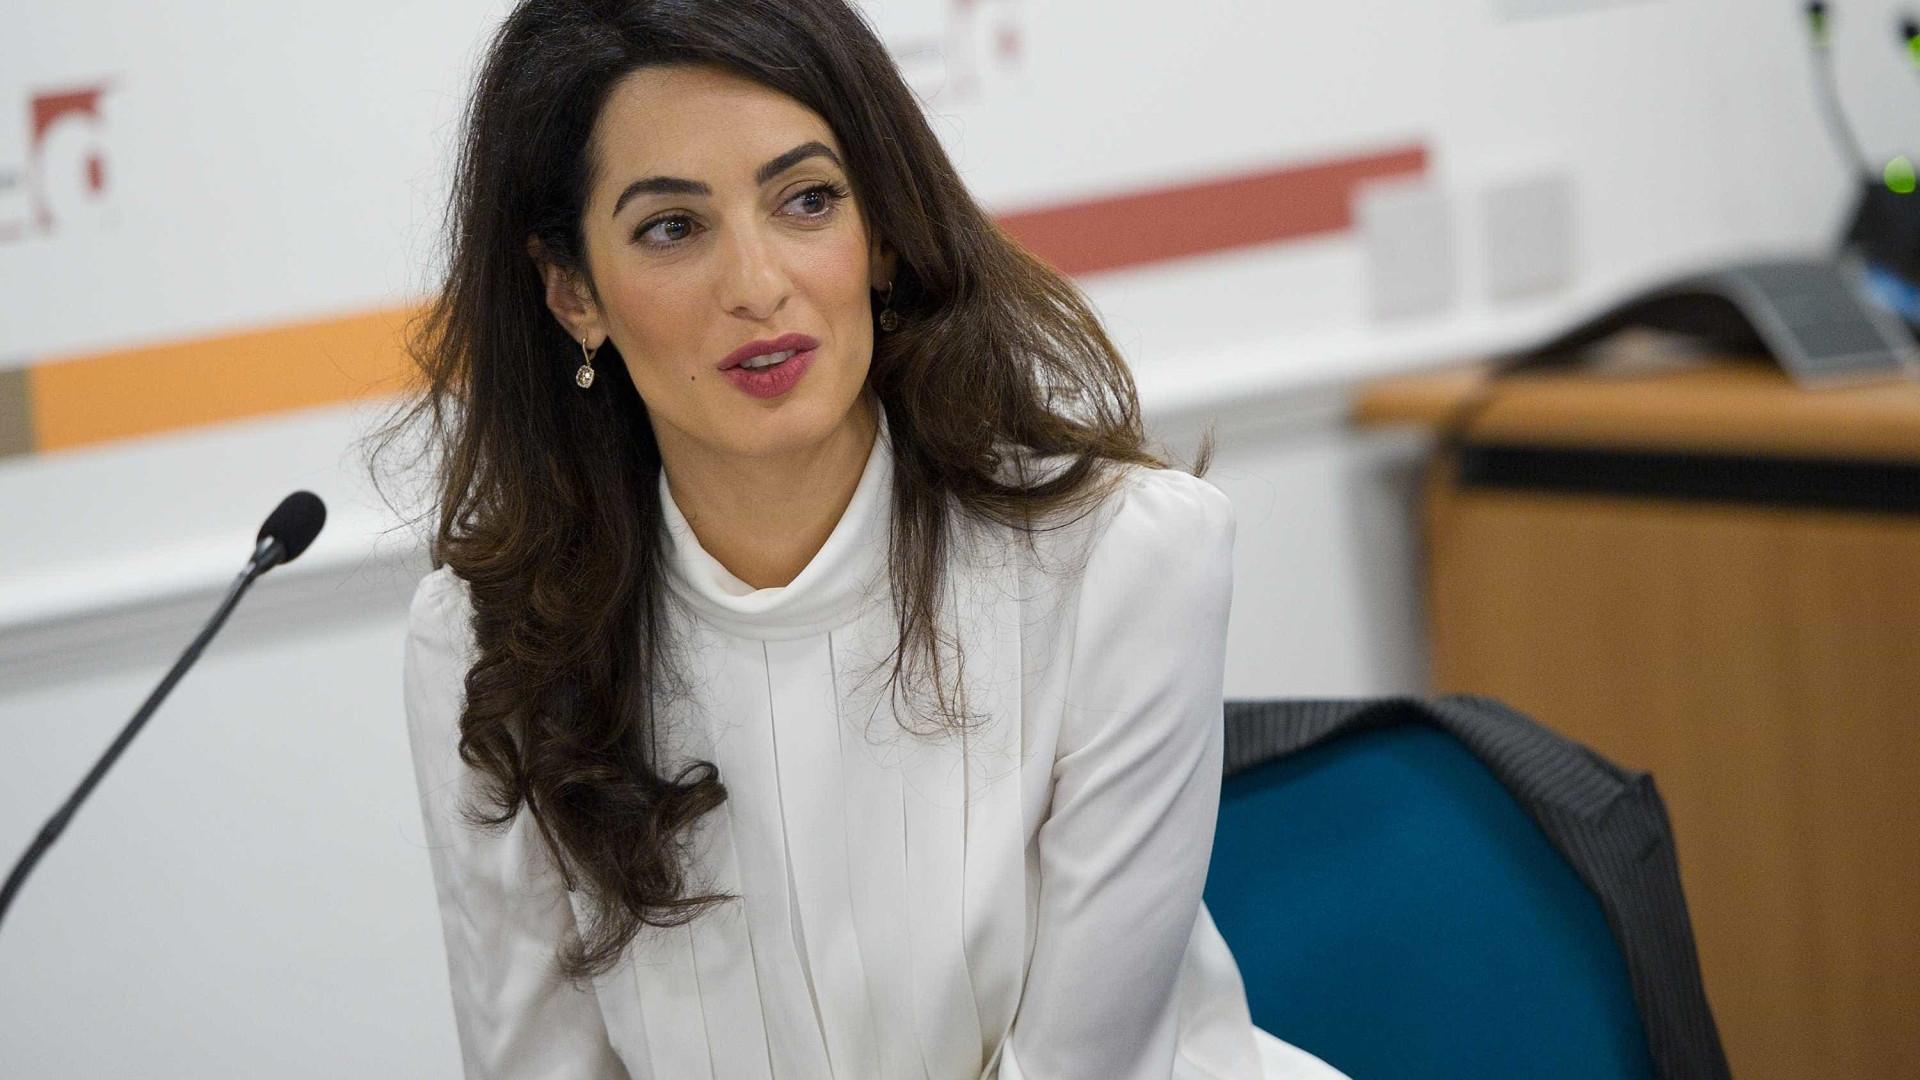 Três meses após nascimento dos gémeos, Amal Clooney regressa ao trabalho